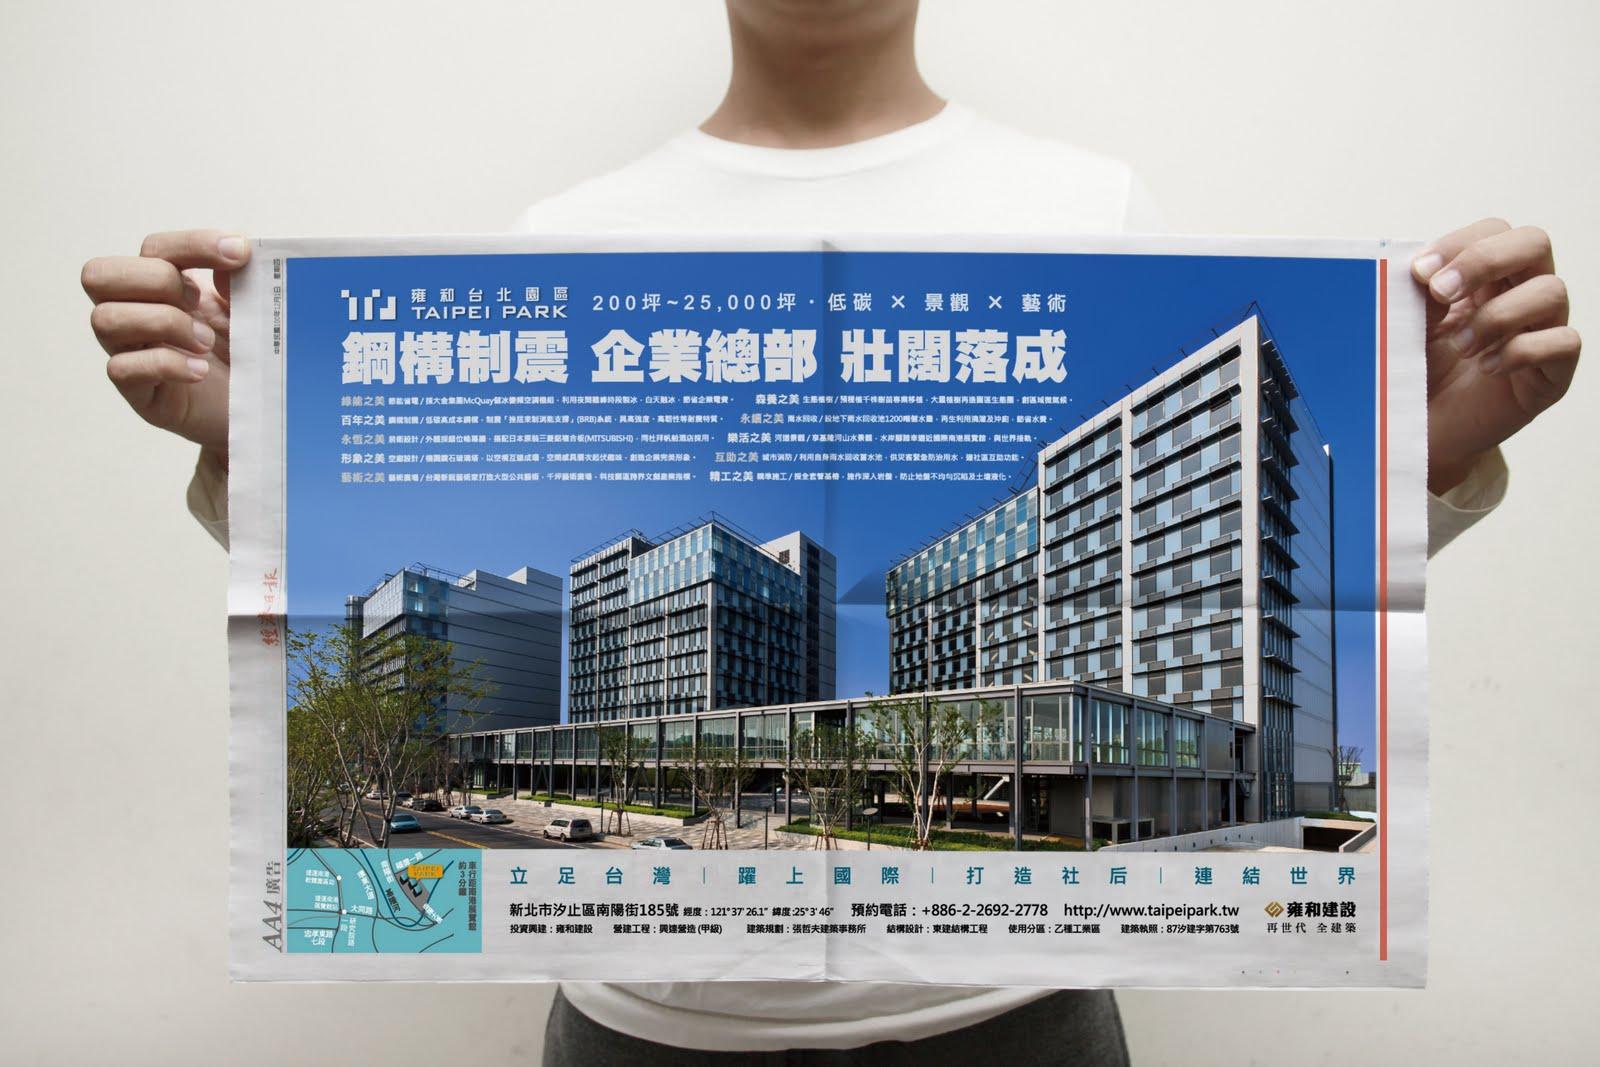 雍和建設報紙廣告設計-11/02經濟日報 by MUMULab.com